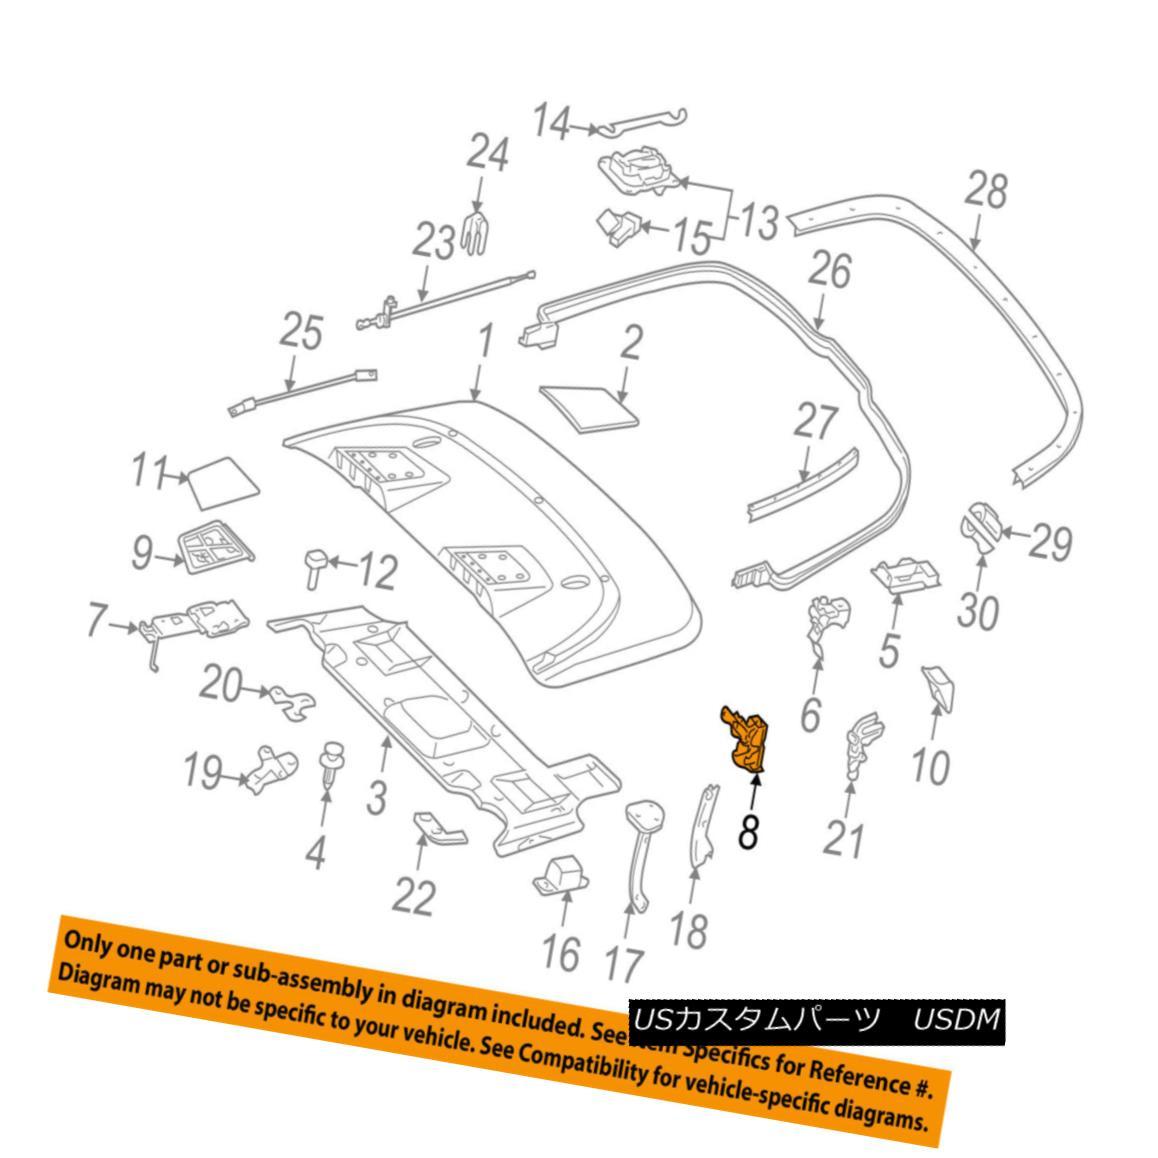 幌・ソフトトップ MERCEDES OEM 15-17 E400 Convertible/soft Top-Hinge 2077501100 MERCEDES OEM 15-17 E400コンバーチブル/ so ft Top-Hinge 2077501100